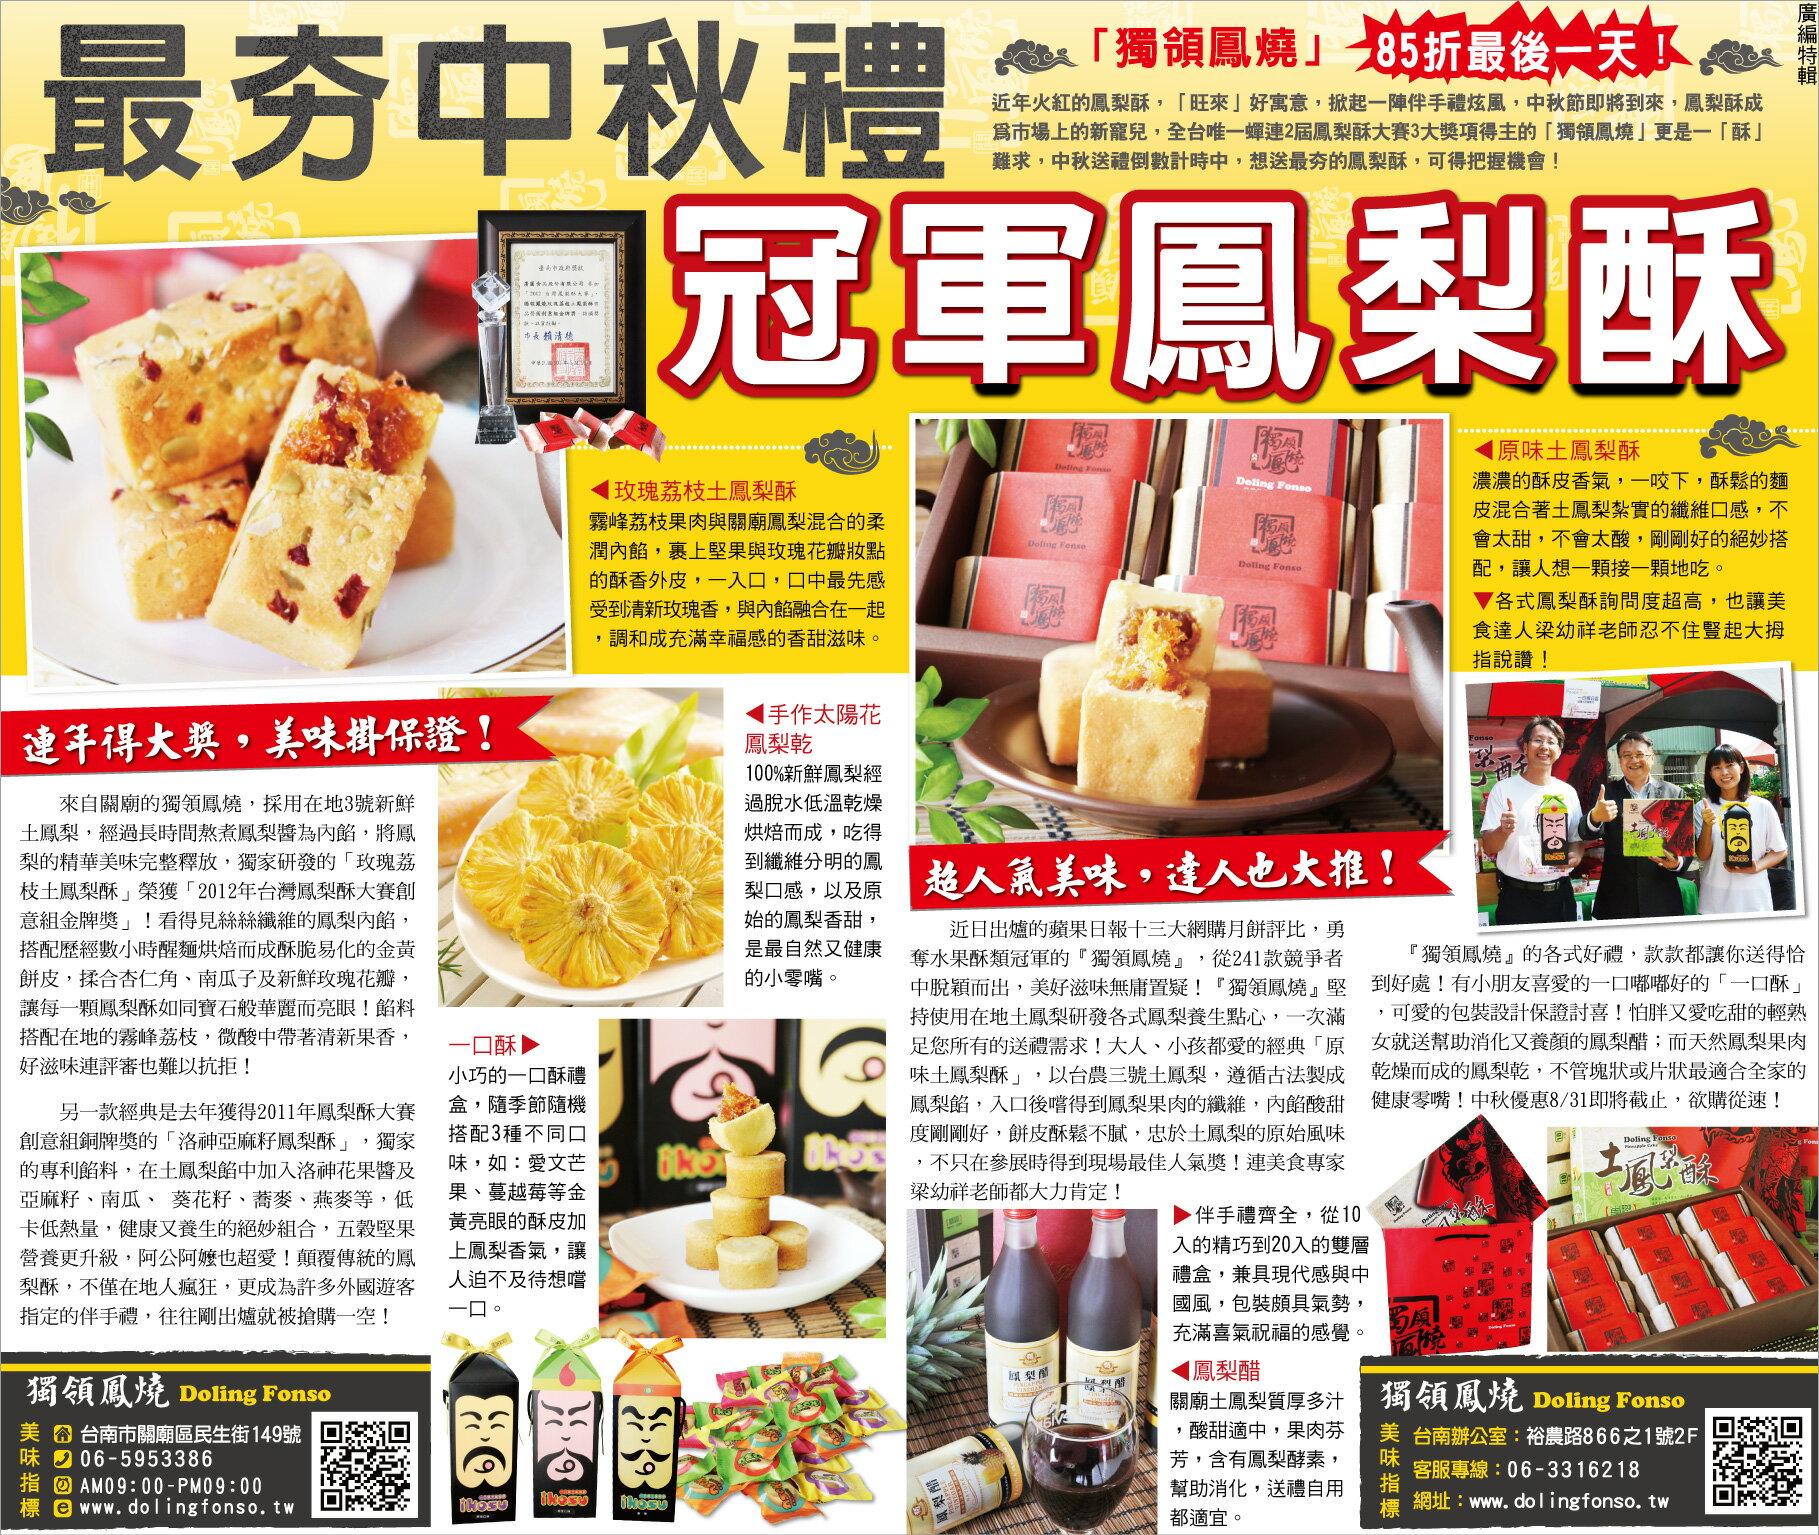 【月餅評比】玫瑰荔枝土鳳梨酥(12入禮盒)---2盒免運費 3